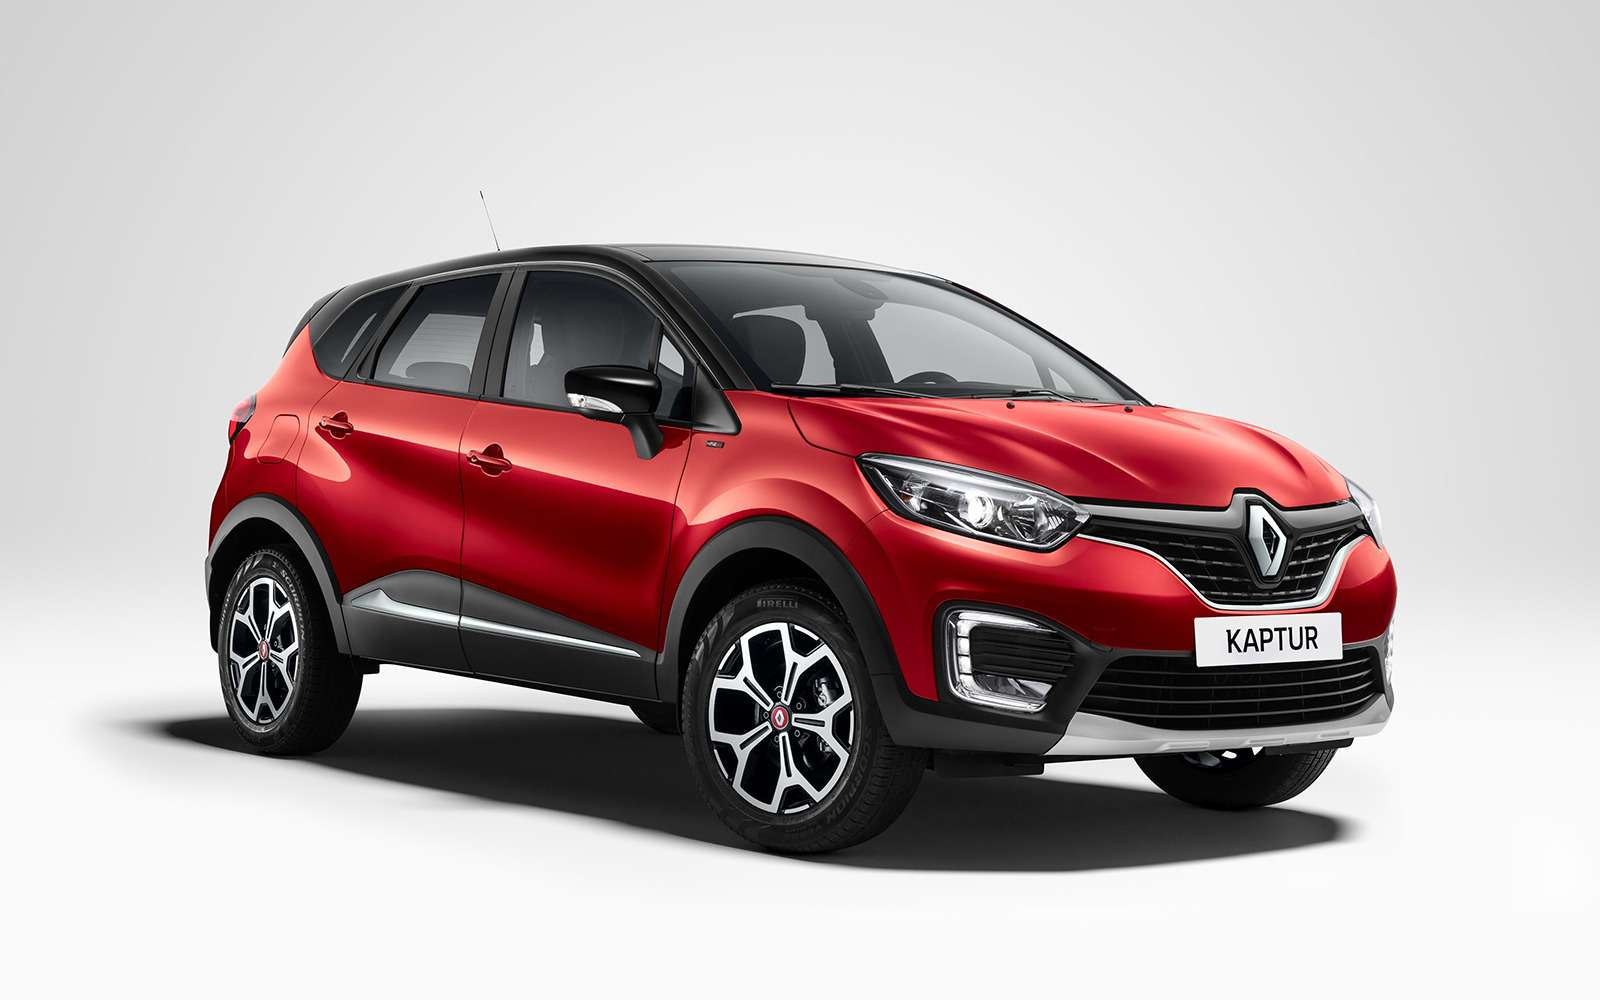 Renault Kaptur получил новую версию. Теперь сЯндекс.Авто иоплаченным интернетом— фото 887447